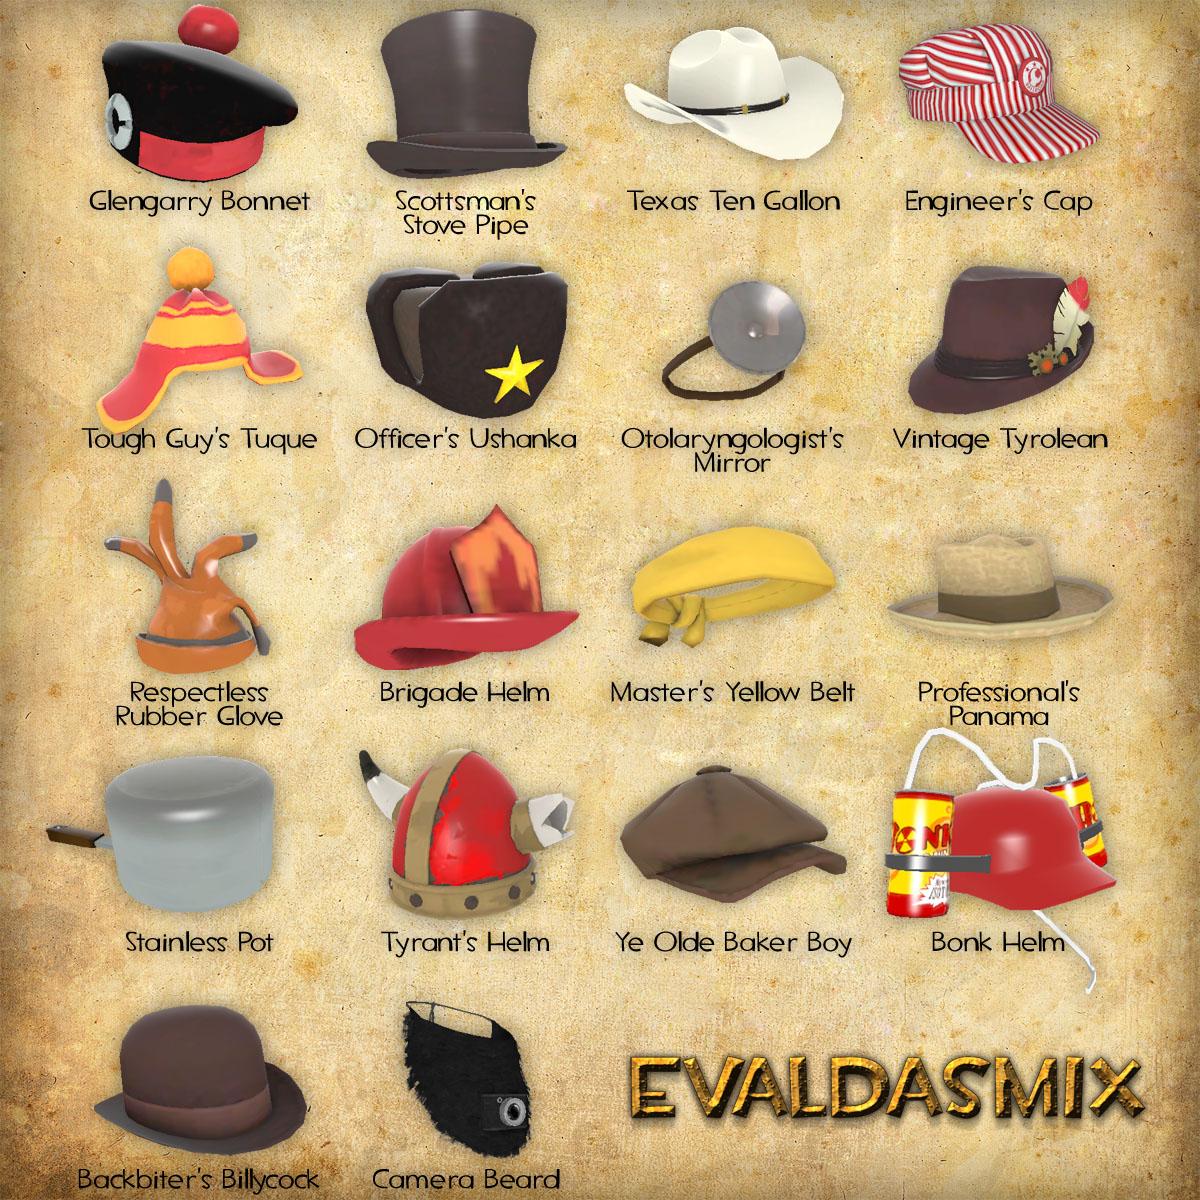 Czternaście z kilkudziesięciu nakryć głowy dostępnych w grze Team Fortress 2